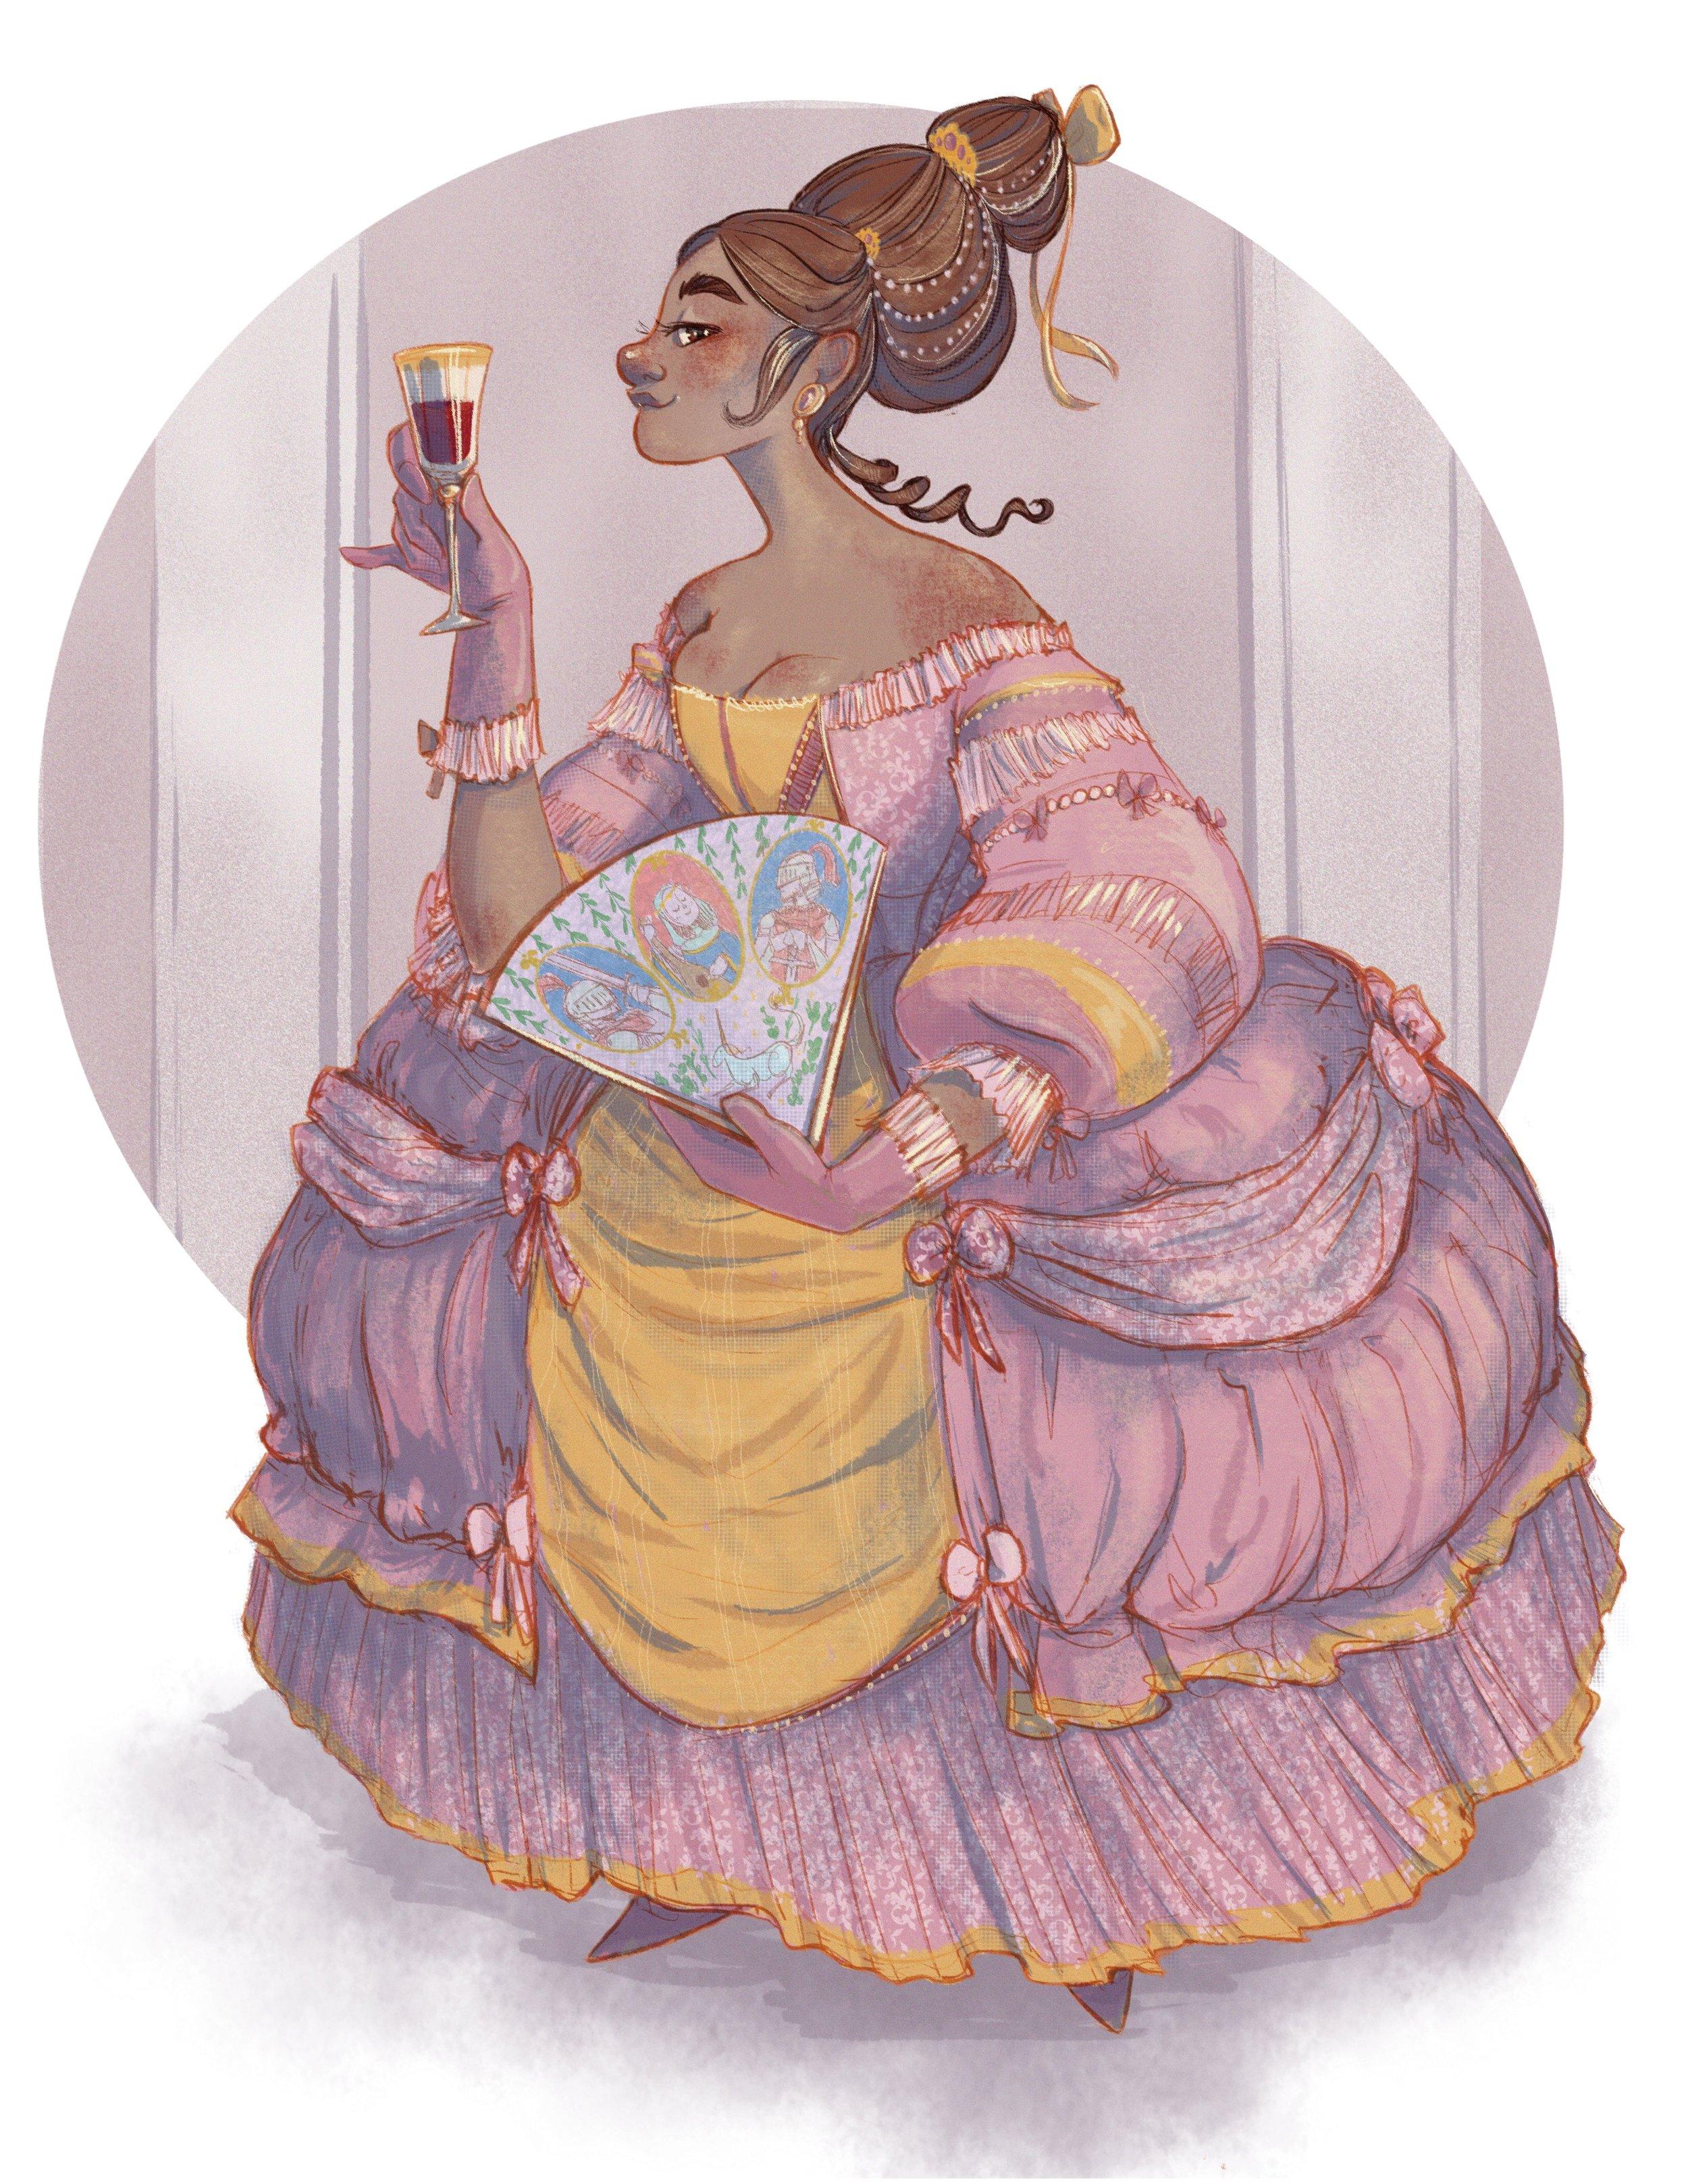 RococoWoman in PinkDress.jpg